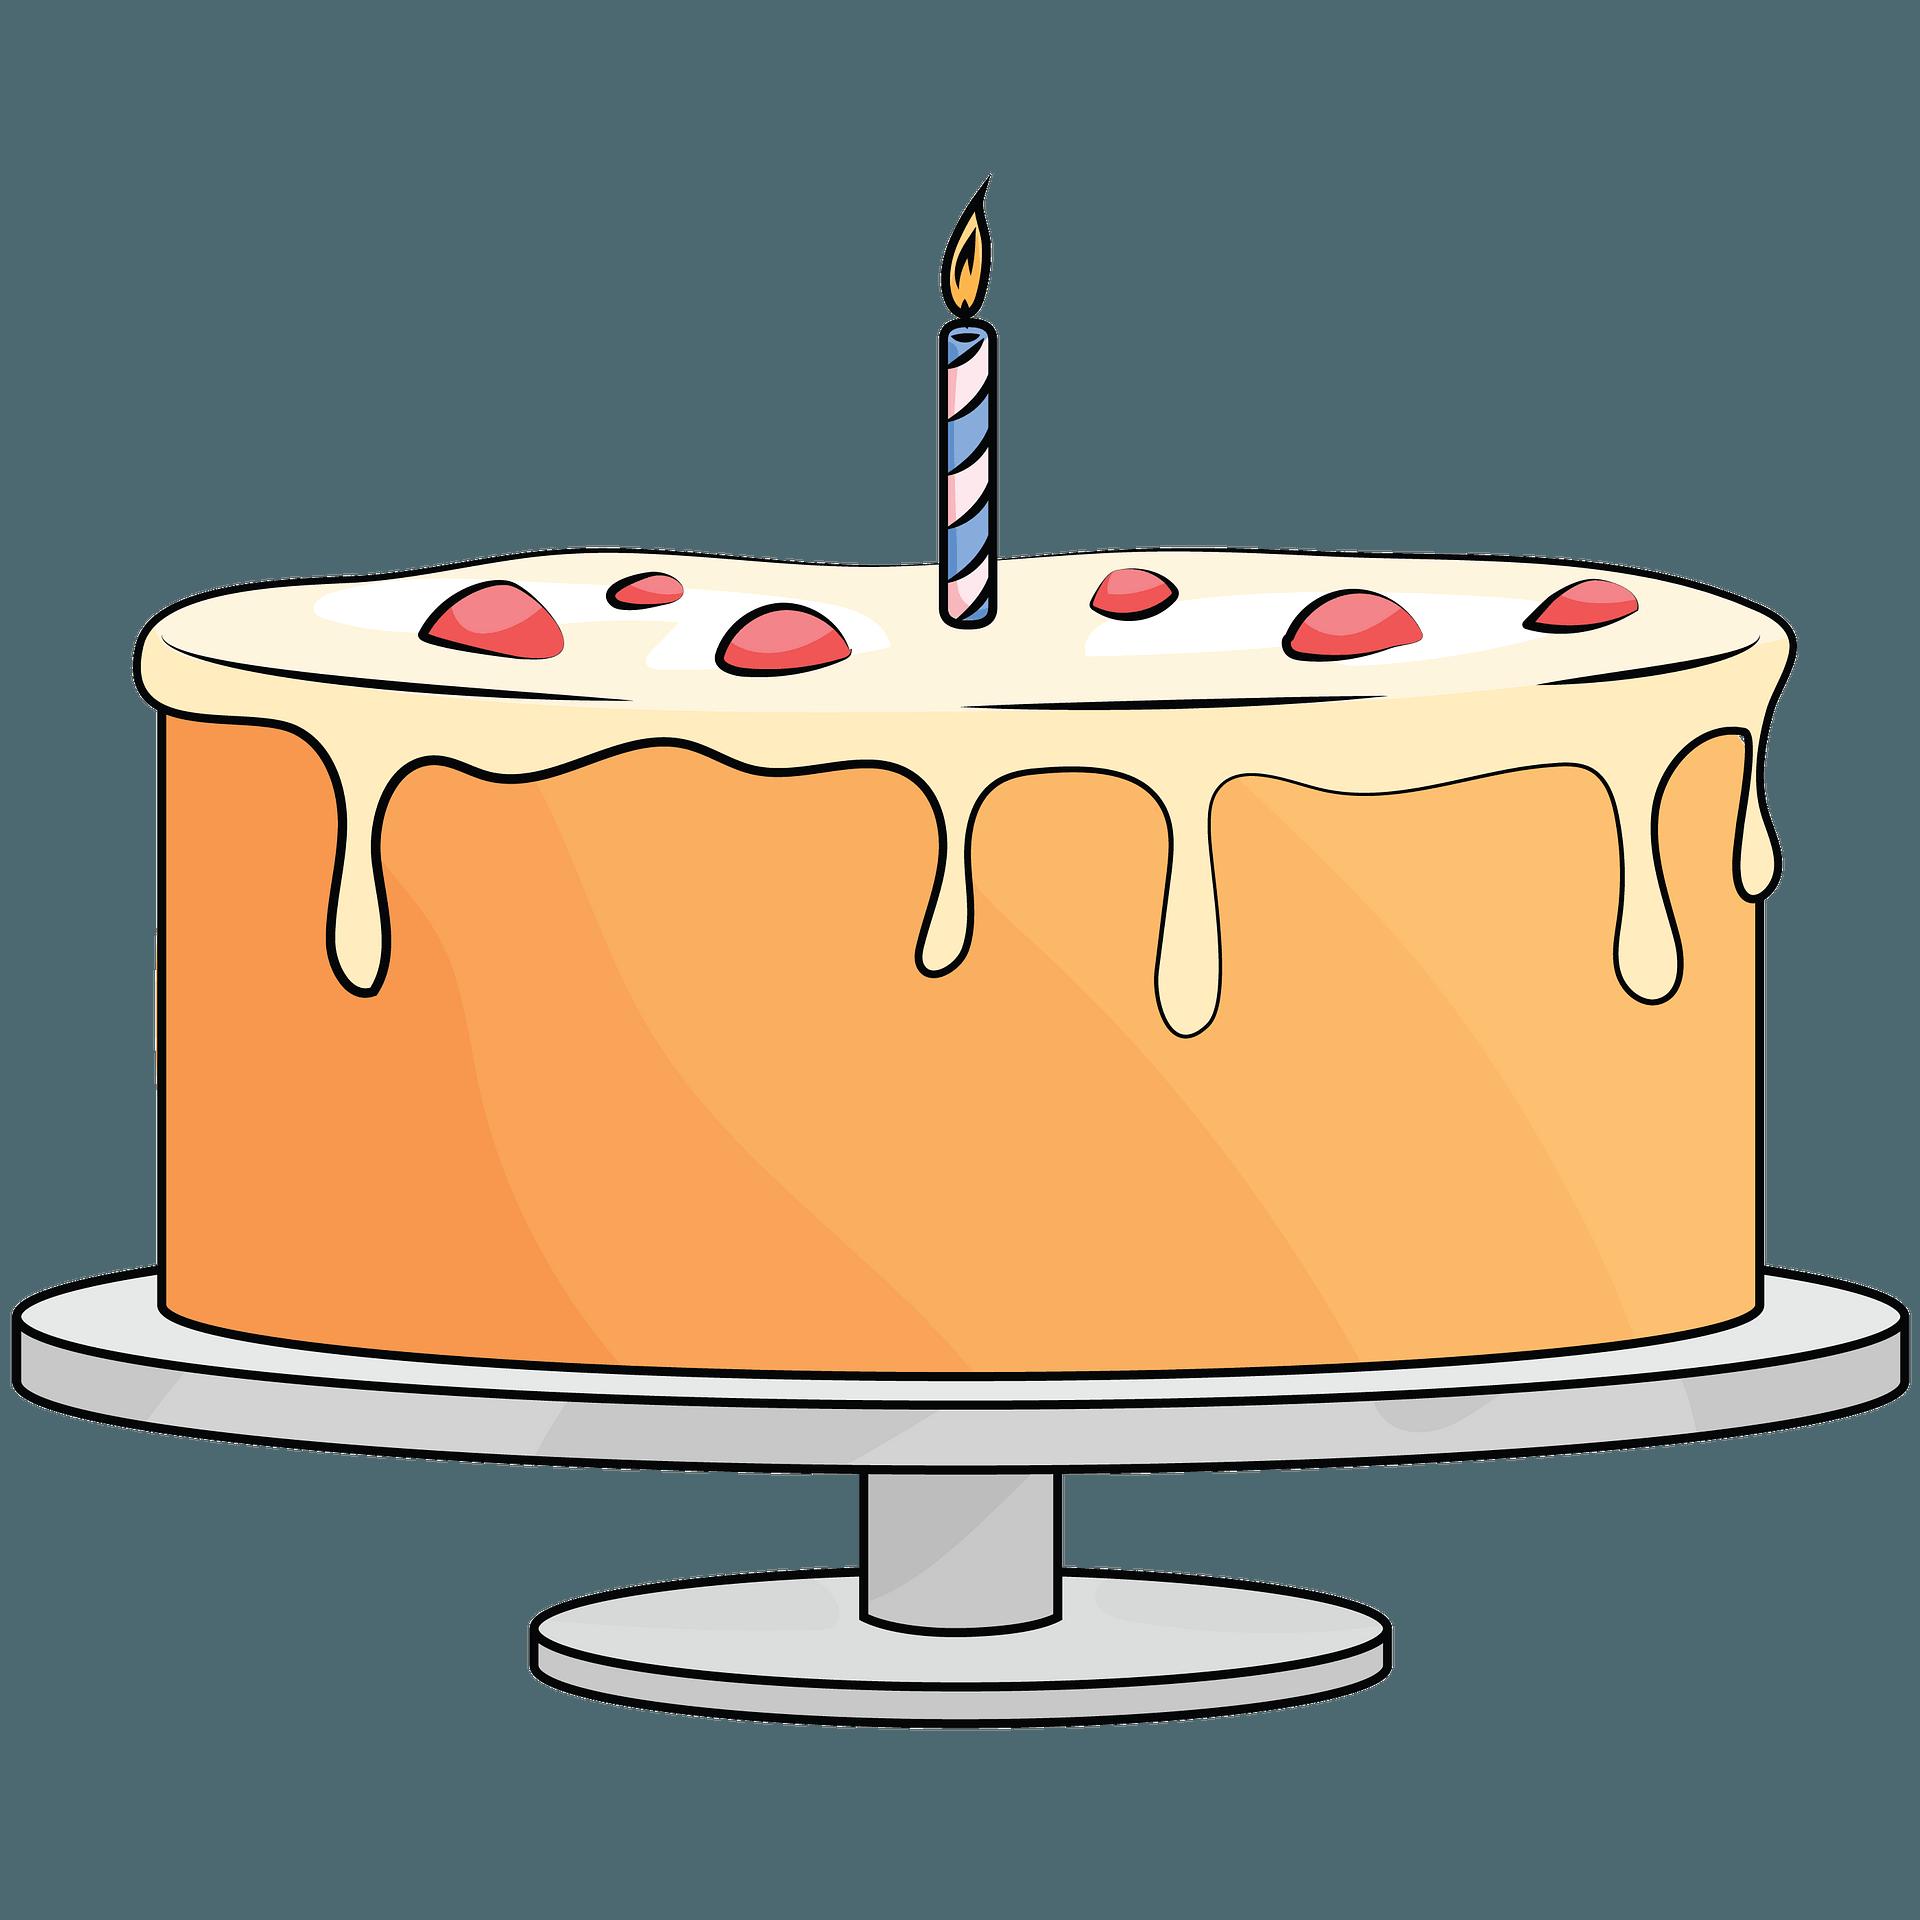 Clipart Zum Geburtstag Kuchen Zucker Kuchen Frosting Glasur